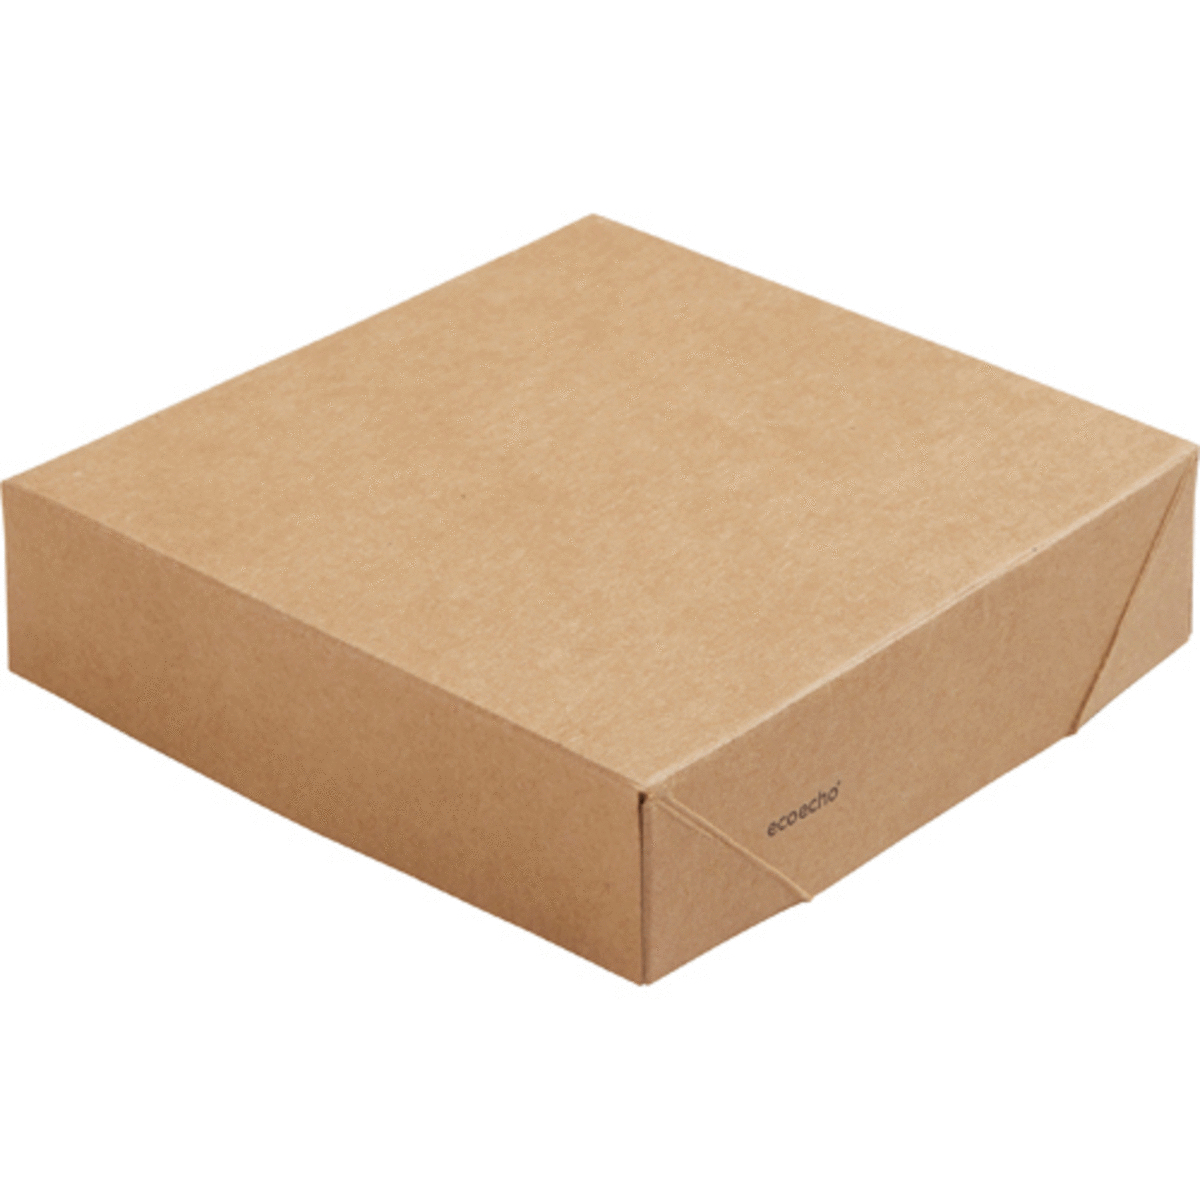 Couvercle pour boîte 51/82 cl rectangulaire marron 11,30x11,30 cm Viking Duni (300 pièces)